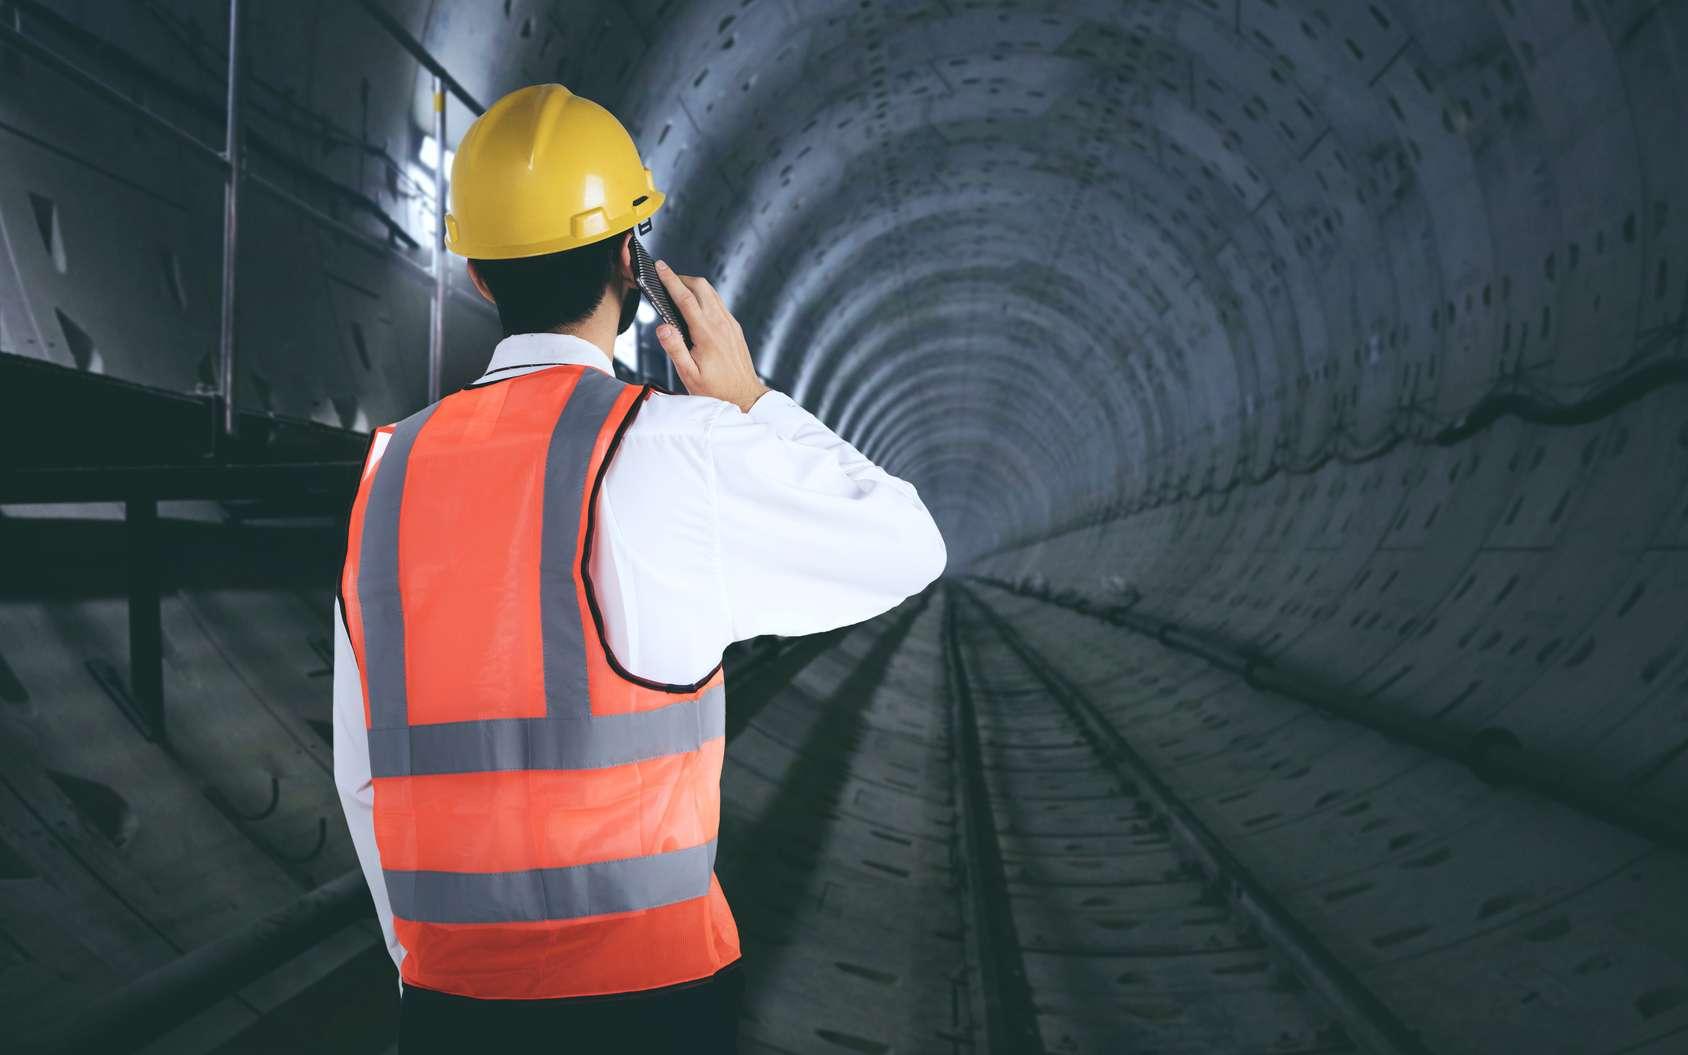 D'ici 2030, 200 km de nouvelles lignes de métro seront percées pour le chantier du Grand Paris Express. © Creativa Images, Fotolia